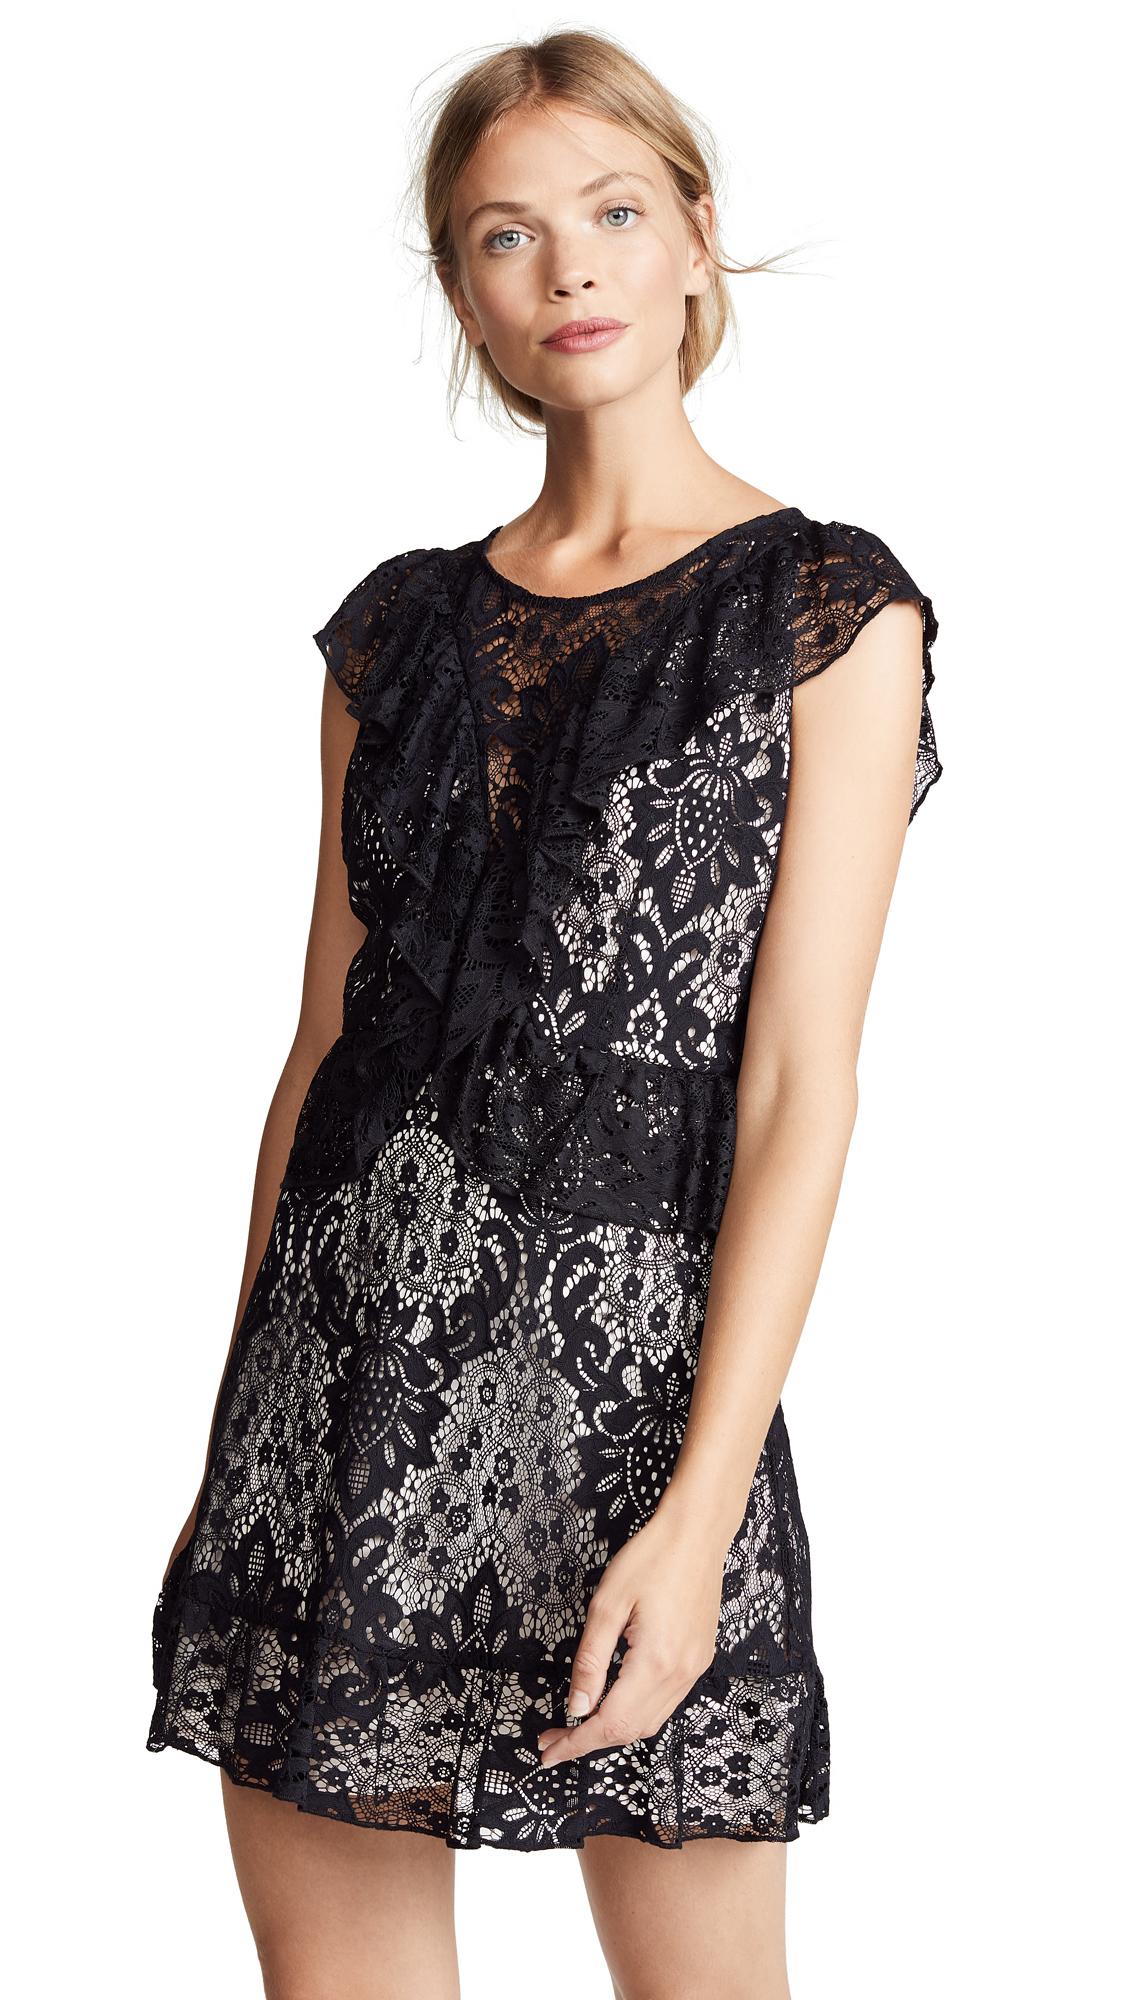 BB Dakota Shaken Not Stirred Lace Ruffle Dress